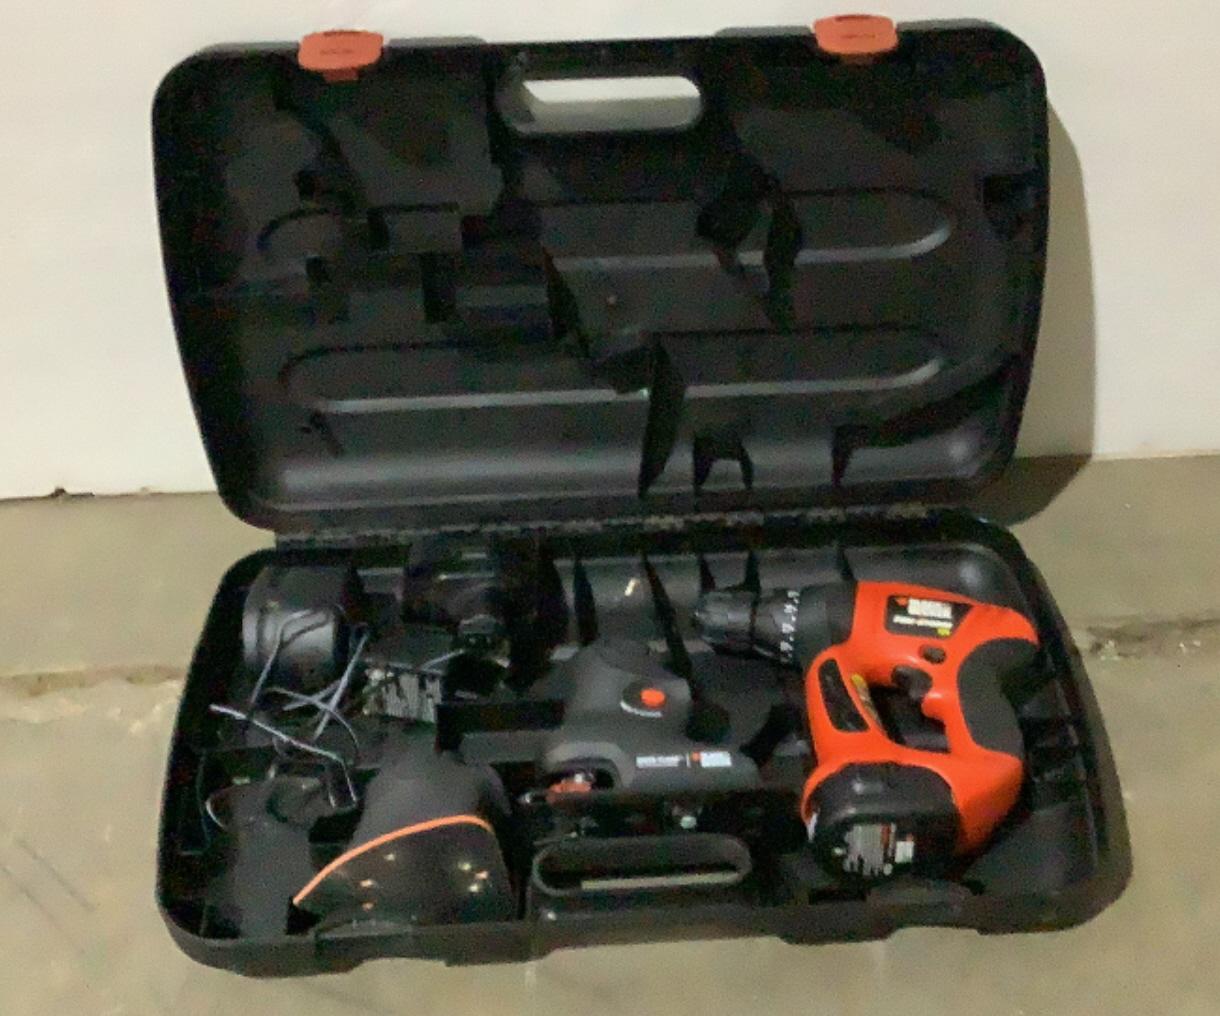 Black & Decker 12V Tool Kit